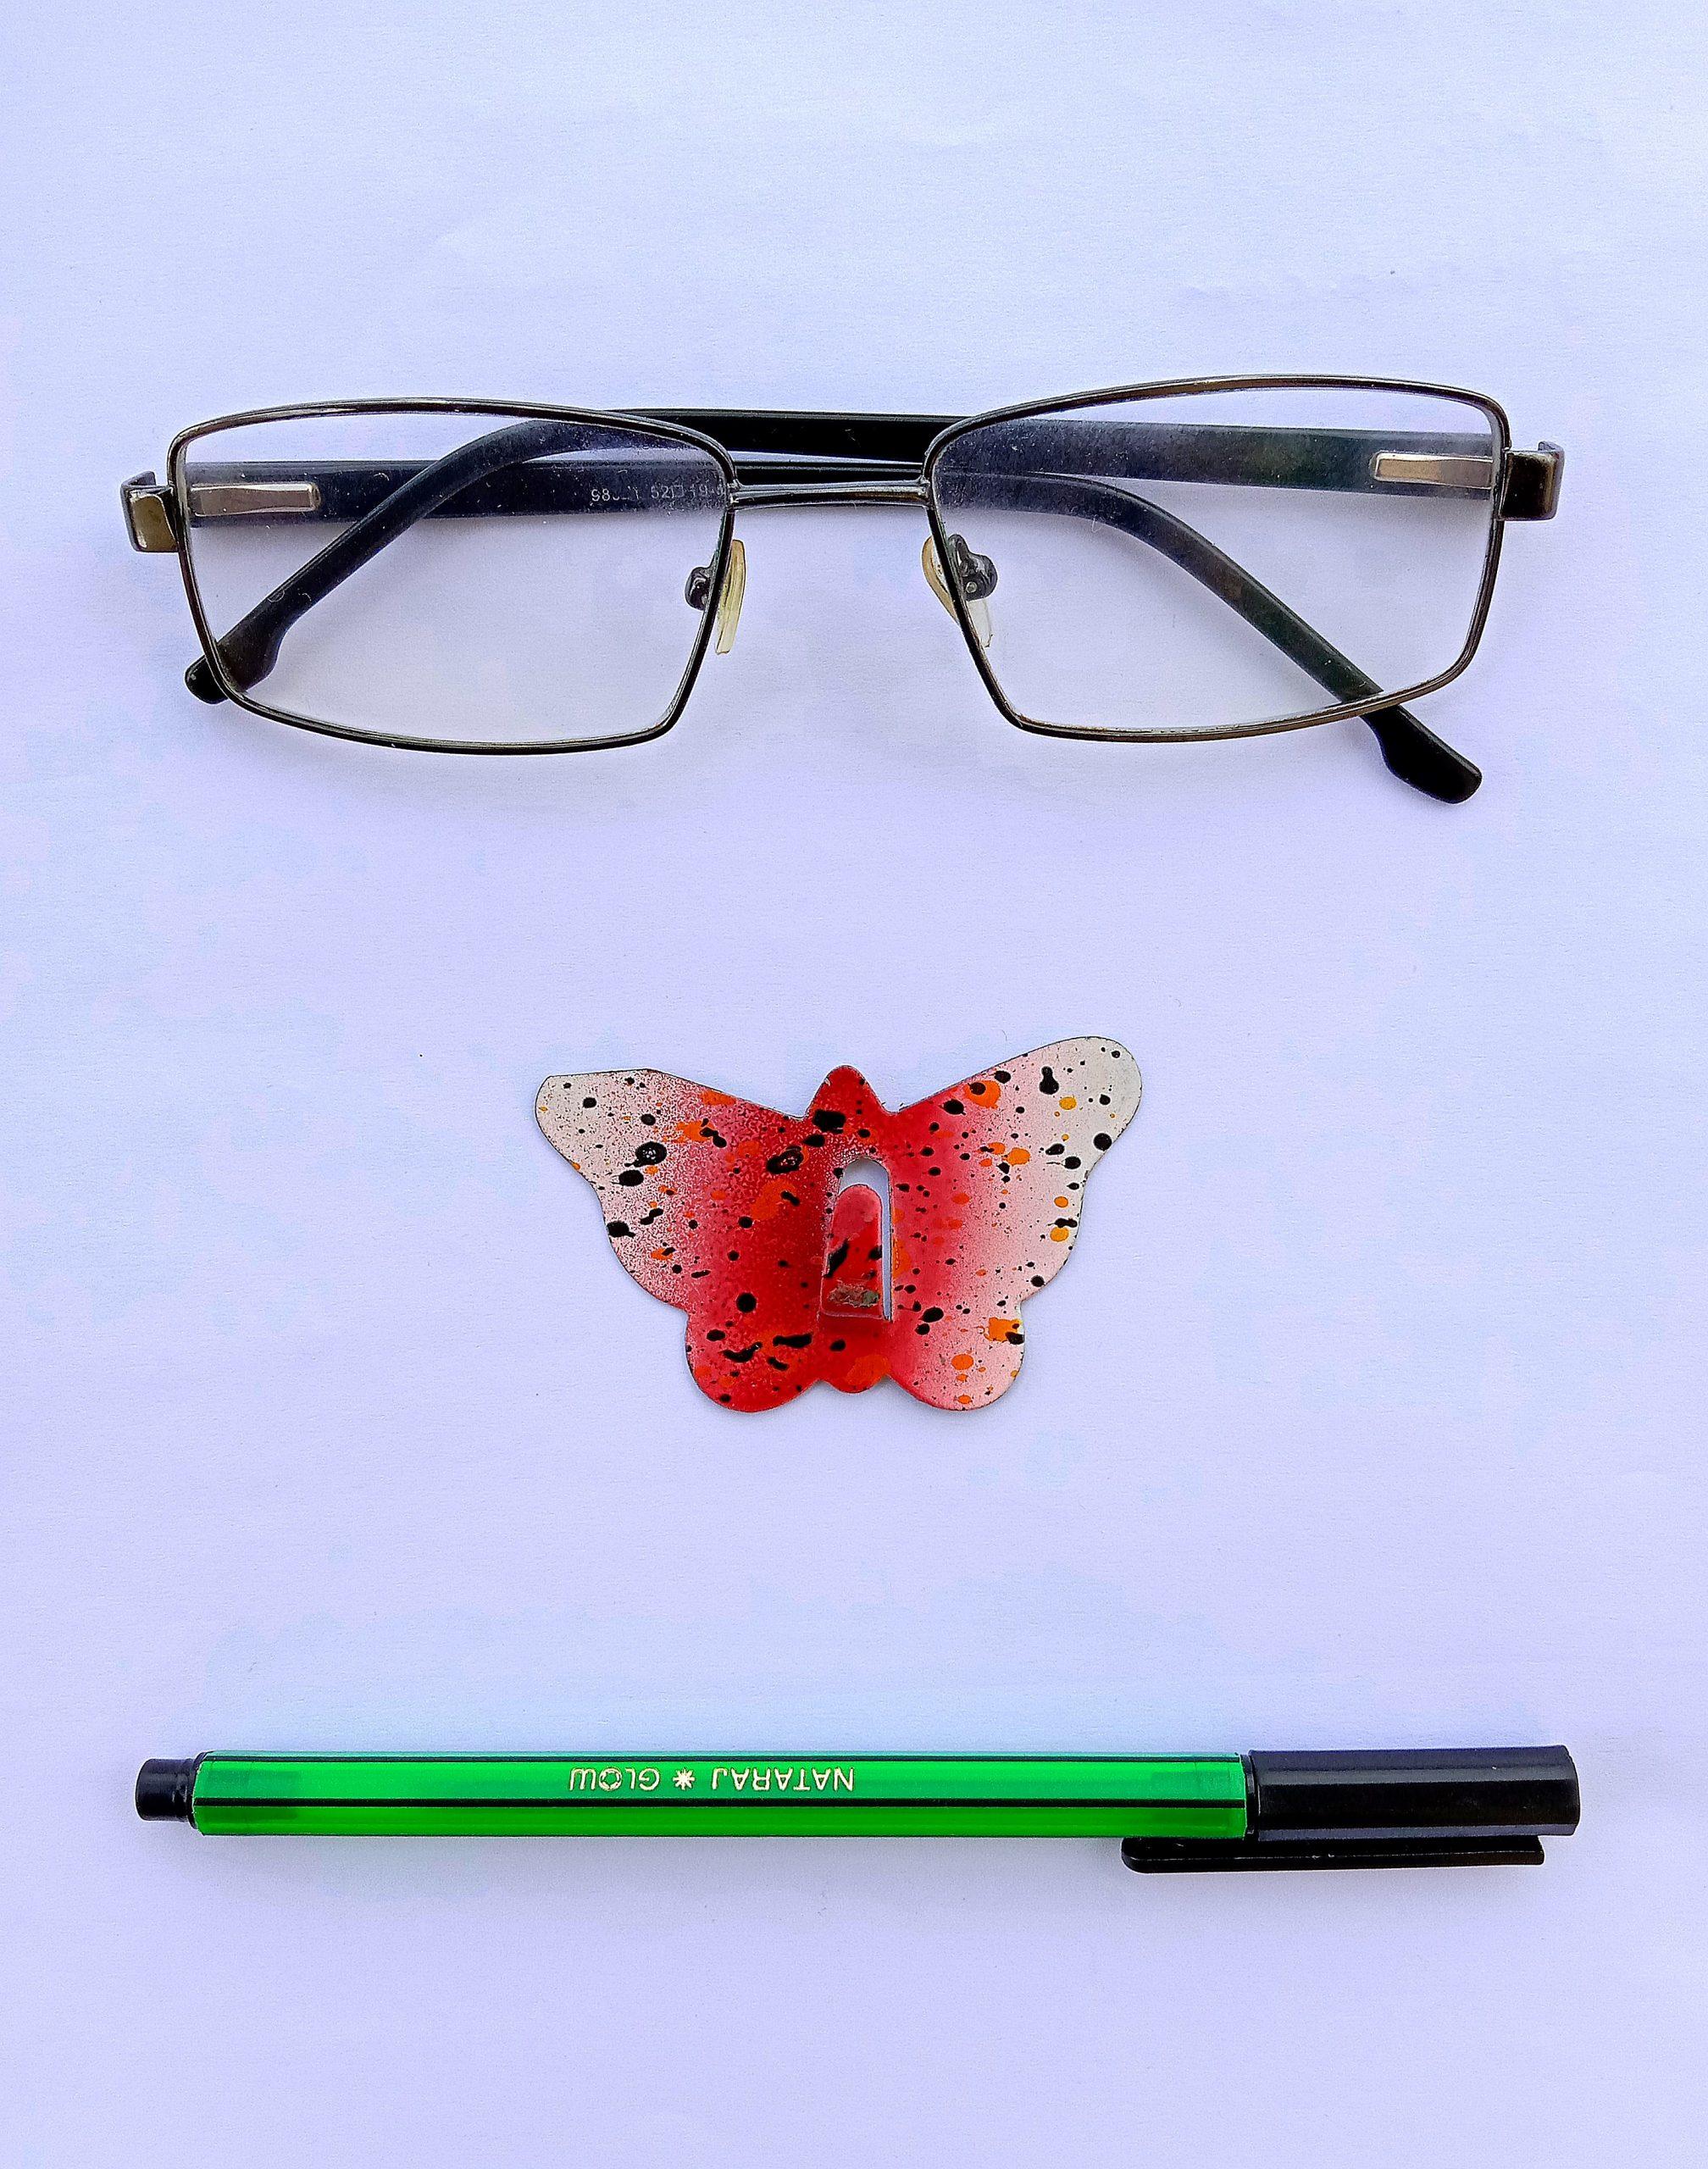 A pen and eyeglasses